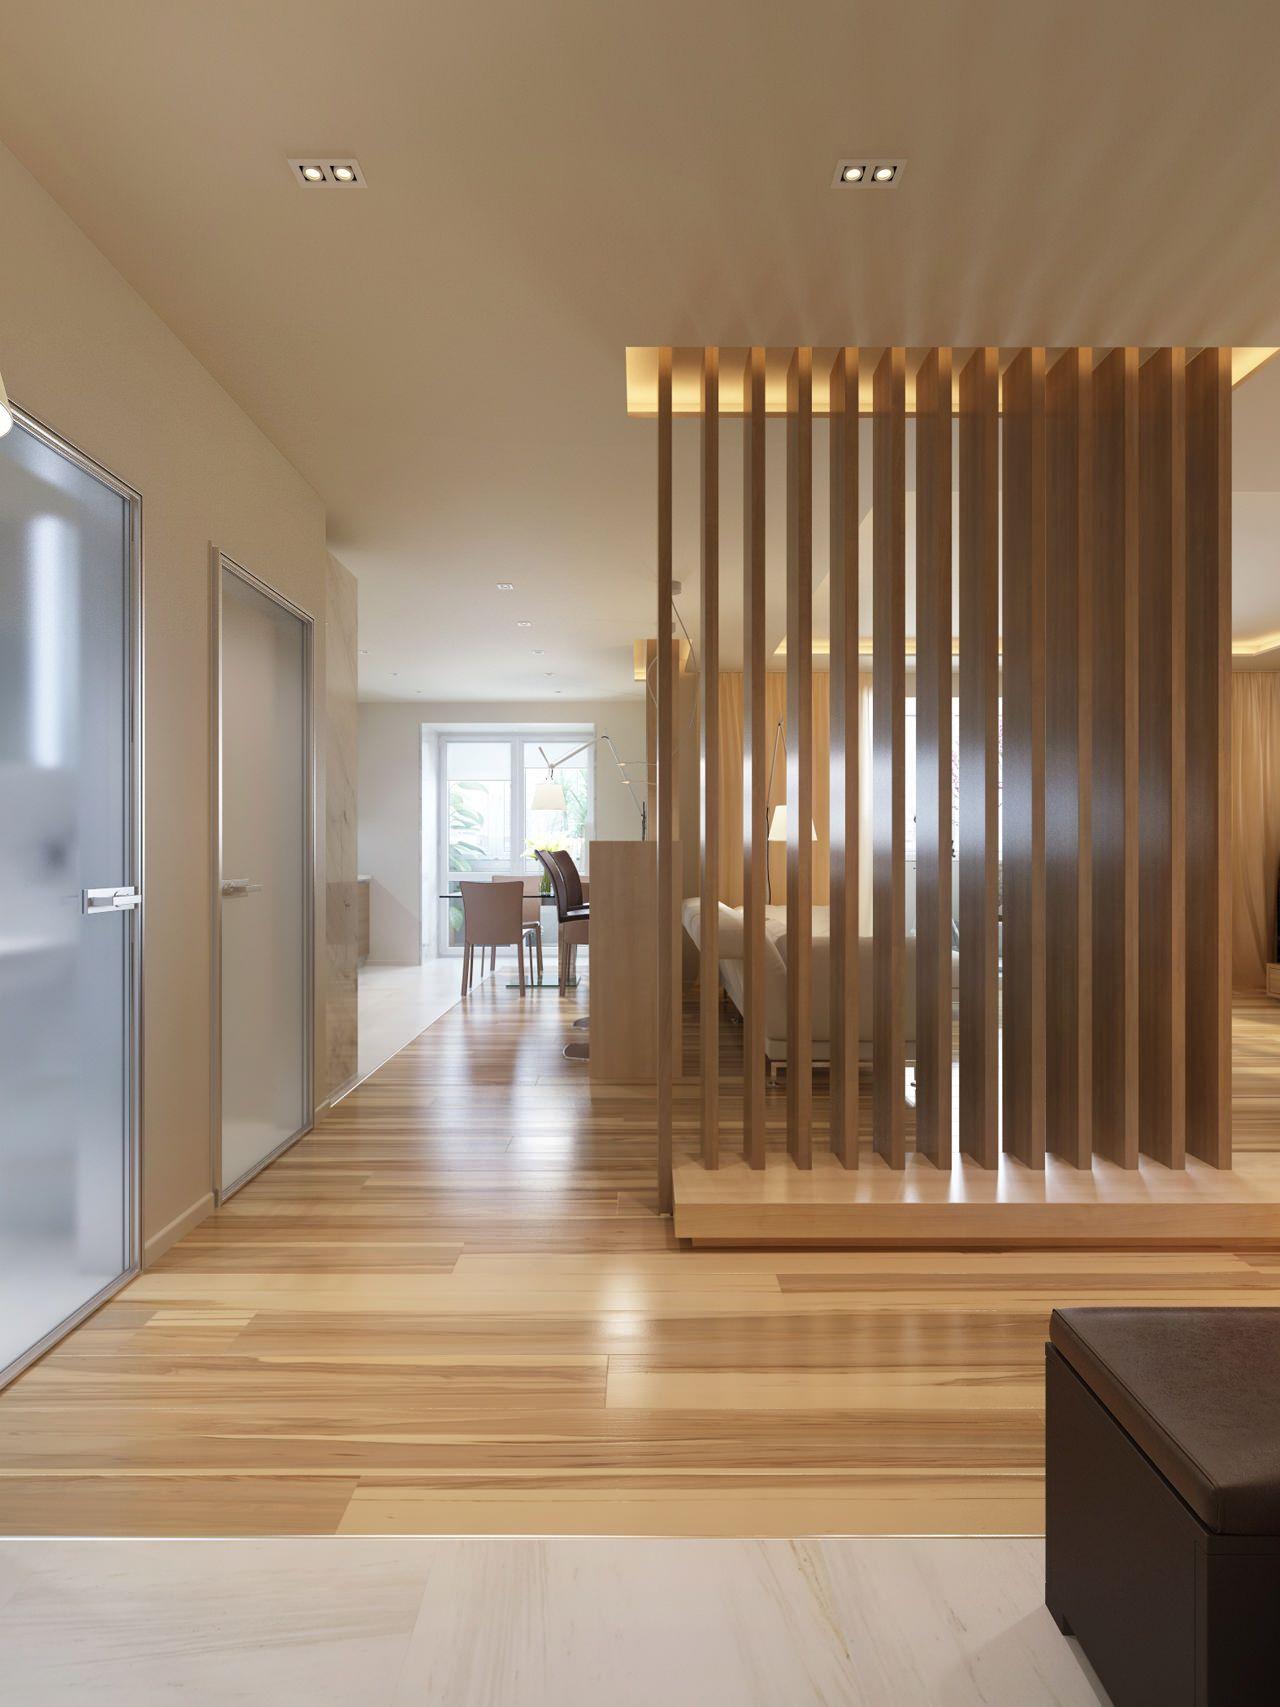 Decoraci n de interiores modernos ideas para renovar tu for Decoracion de interiores modernos